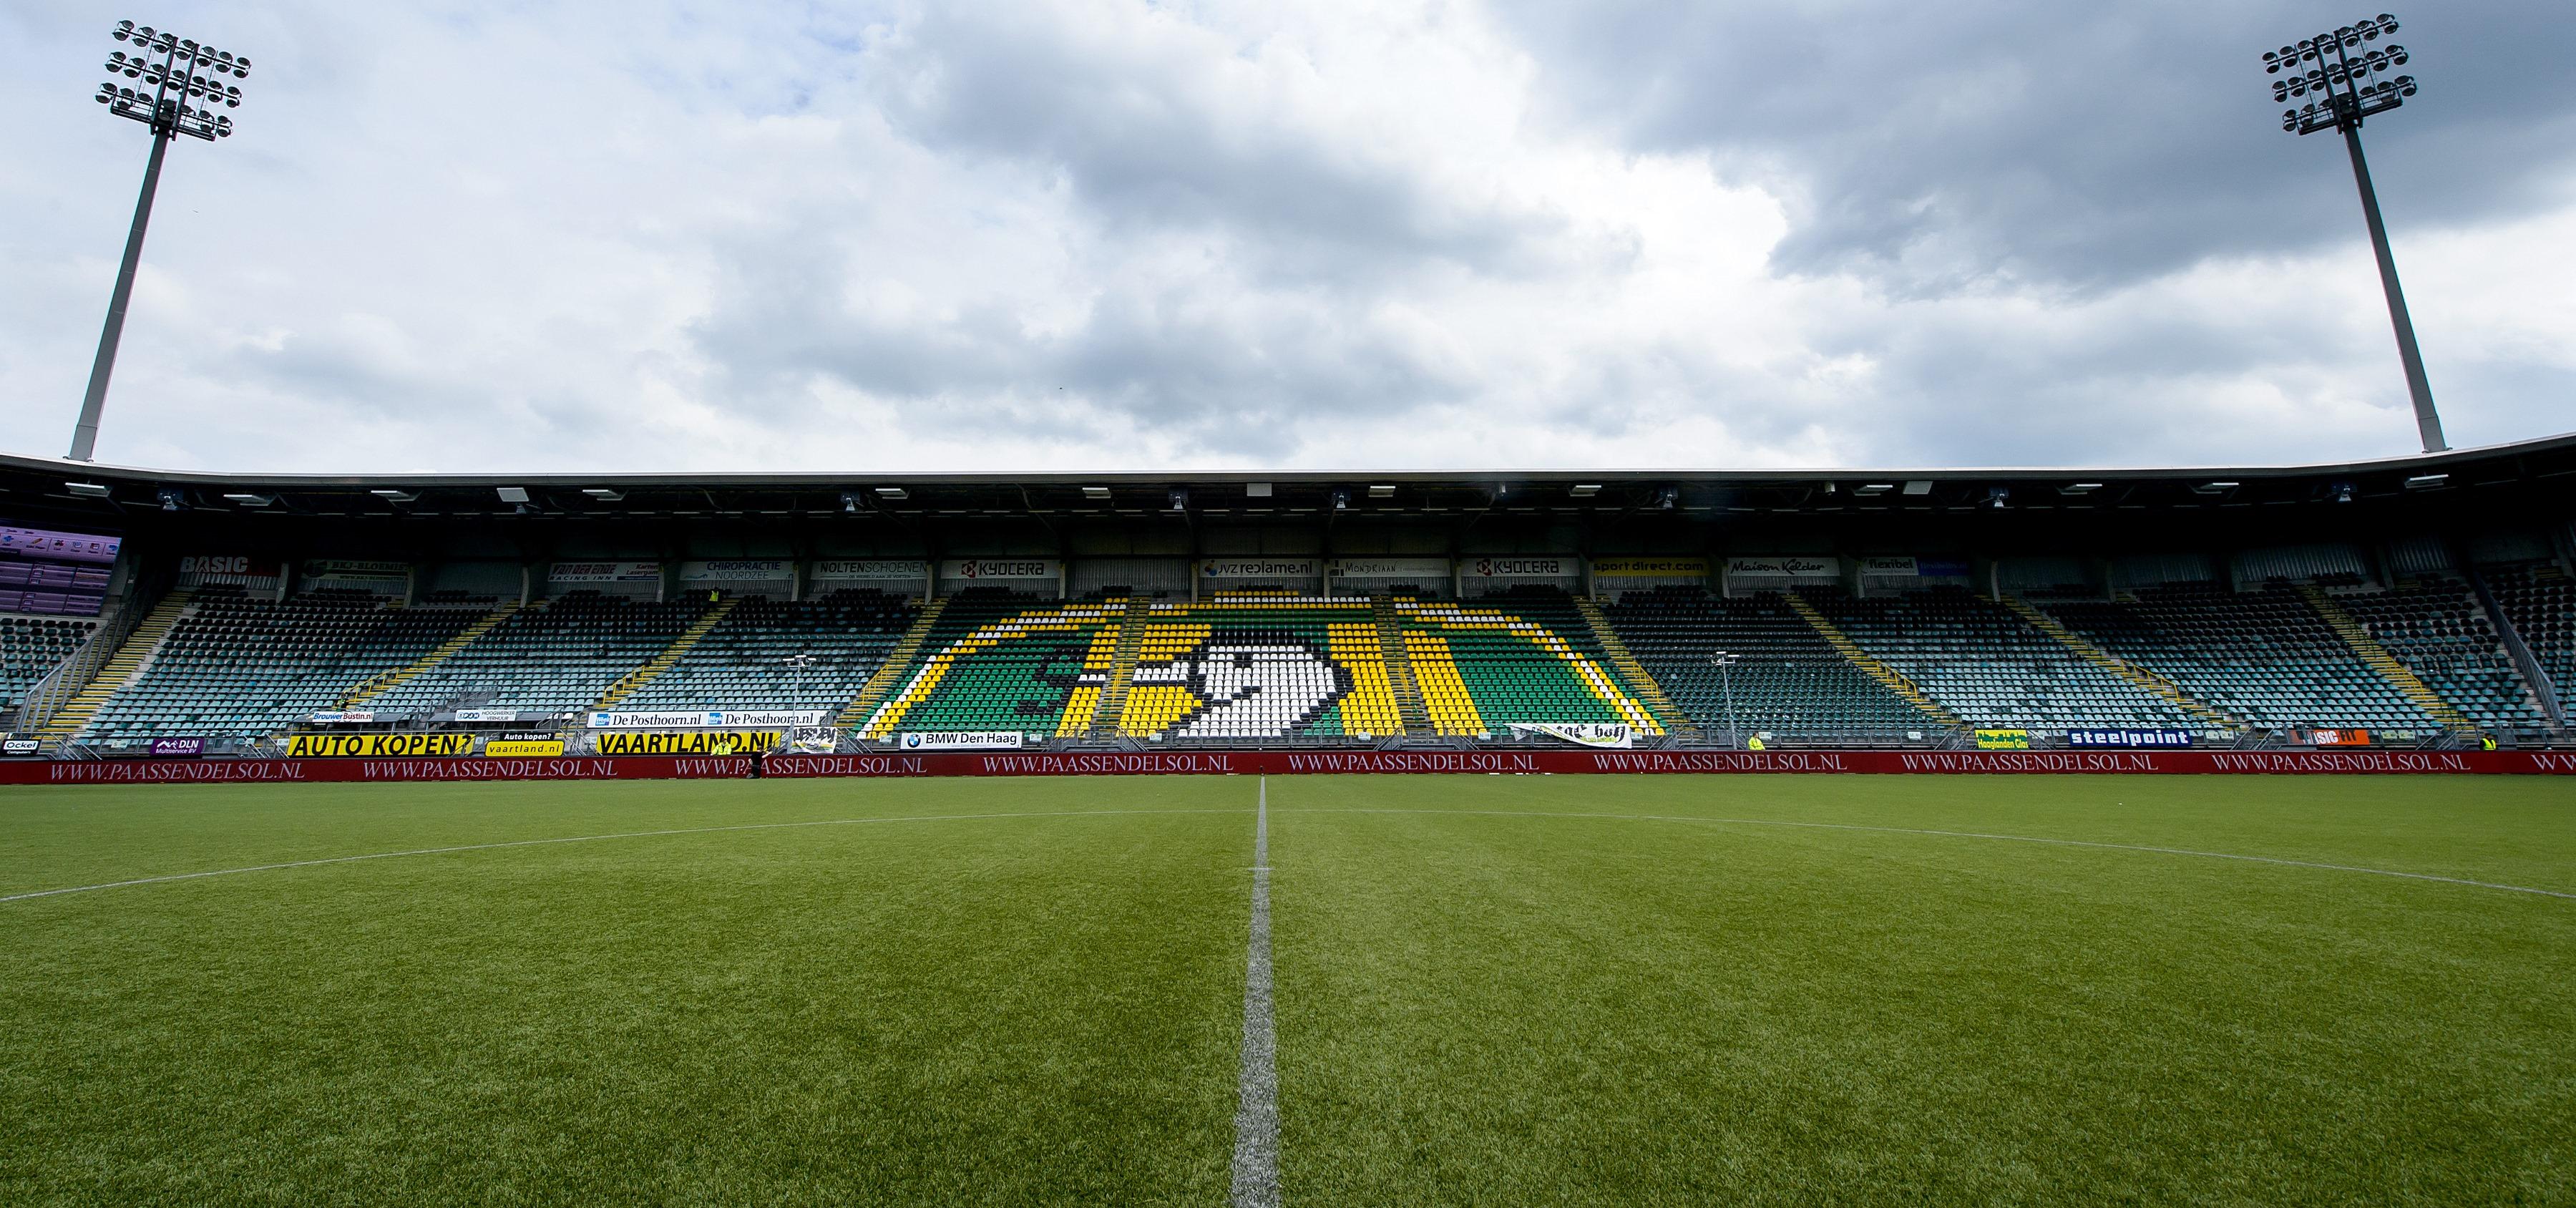 Ado Den Haag Vs Fc Emmen At Cars Jeans Stadion On 22 01 21 Fri 20 00 Football Ticket Net